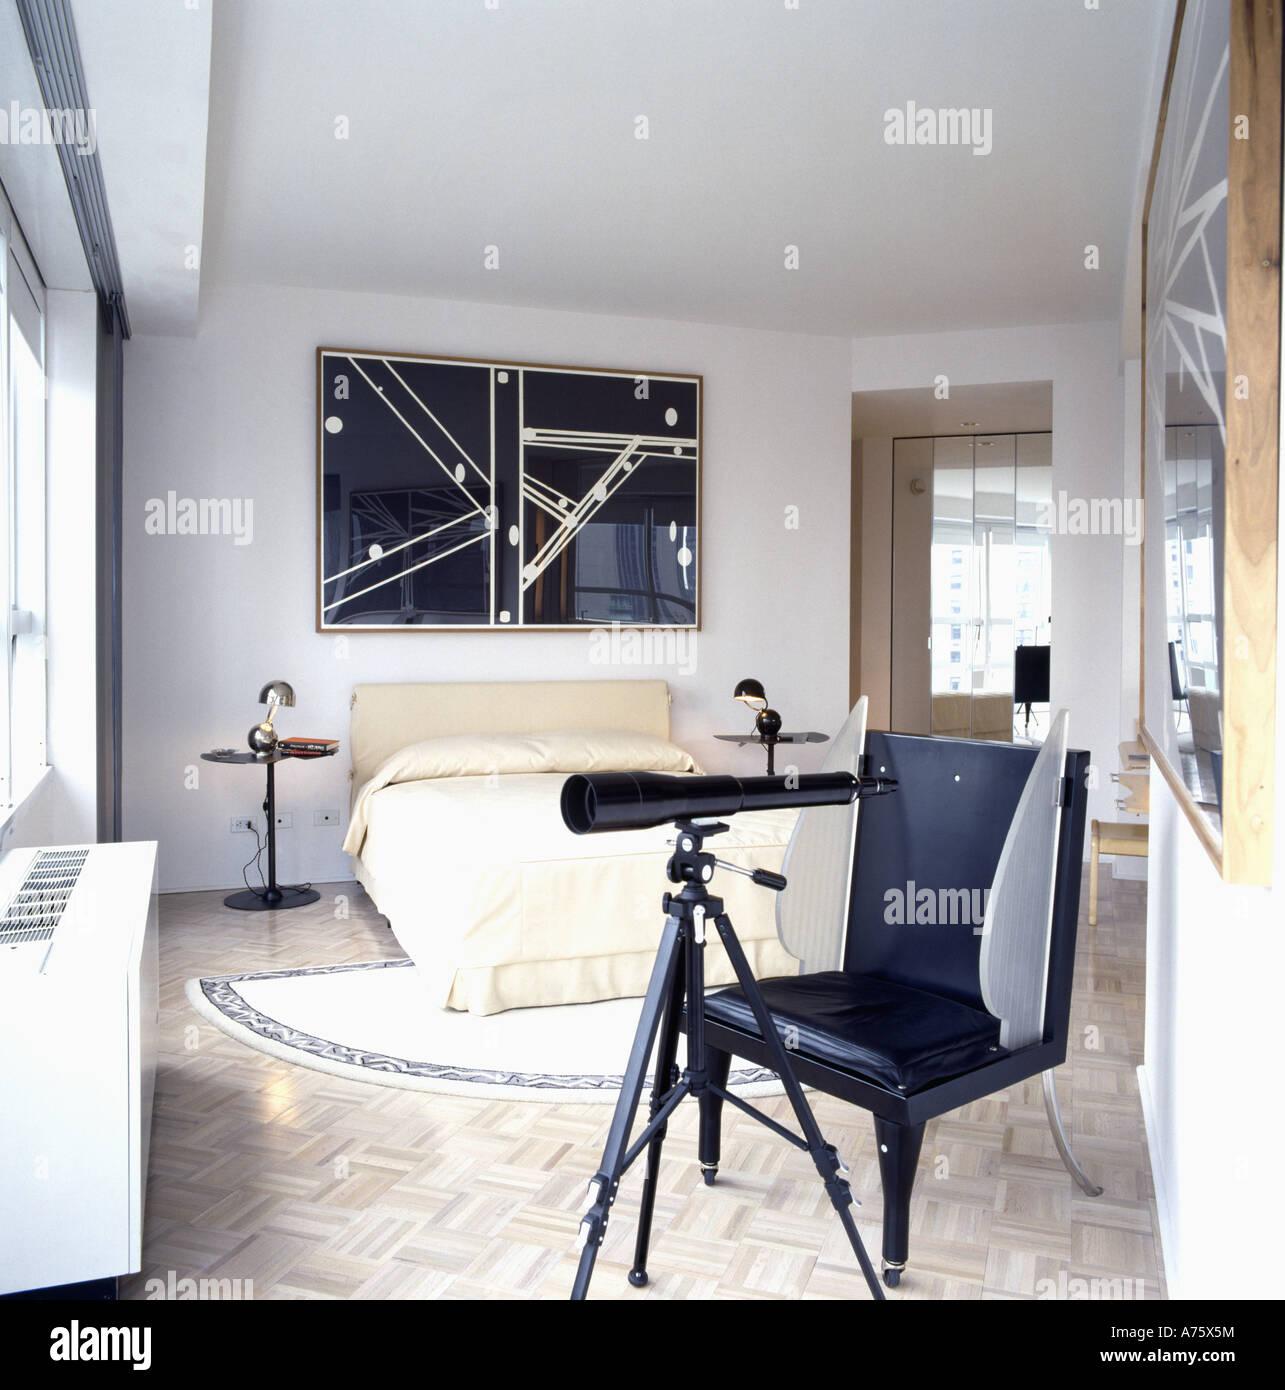 Teleskop und schwarzen Stuhl im Schlafzimmer moderne Stadt mit ...